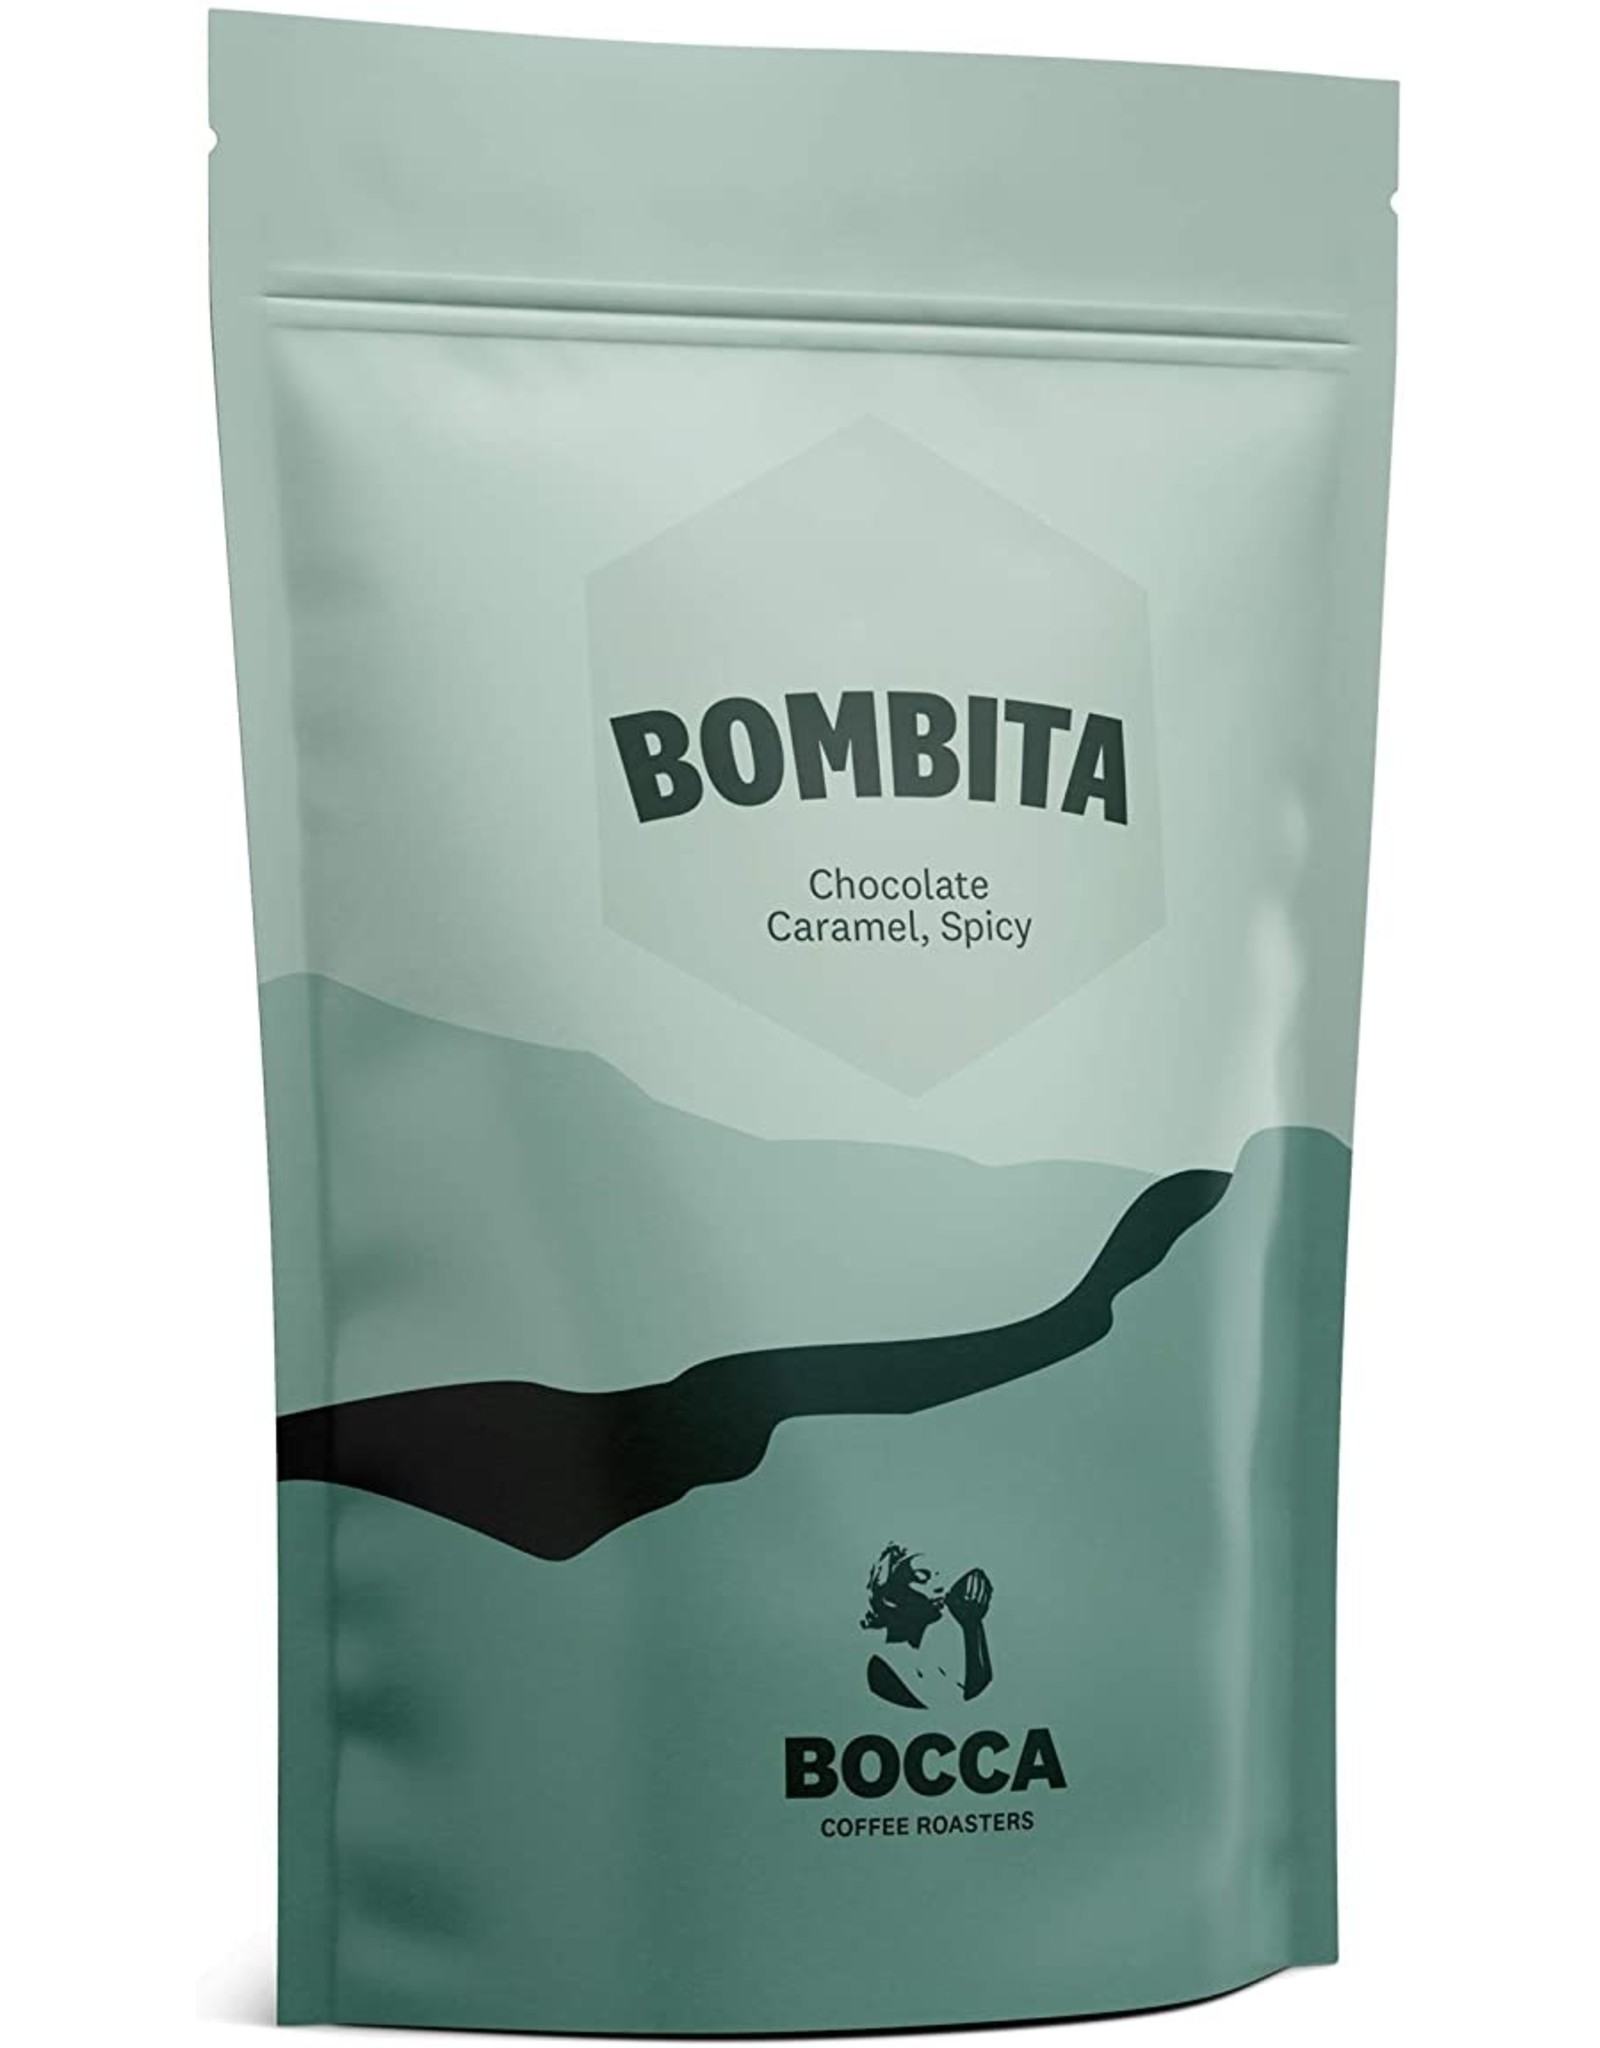 Bocca koffie. 250 g. Bombita